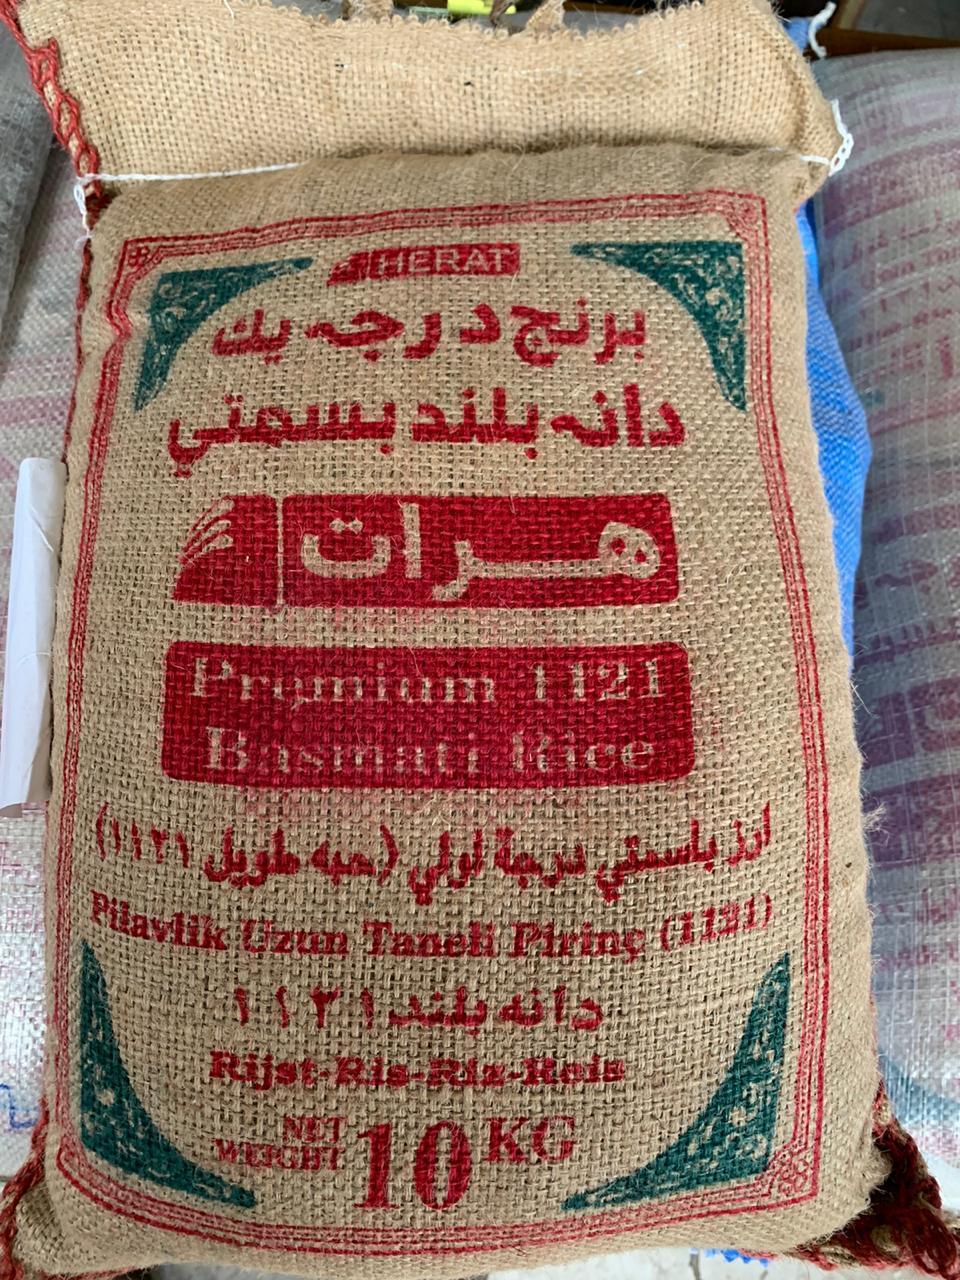 Pirinç - Üretici Habi̇b Oğlu 450 tl fiyat ile 40 kilogram pirinç  satmak istiyor